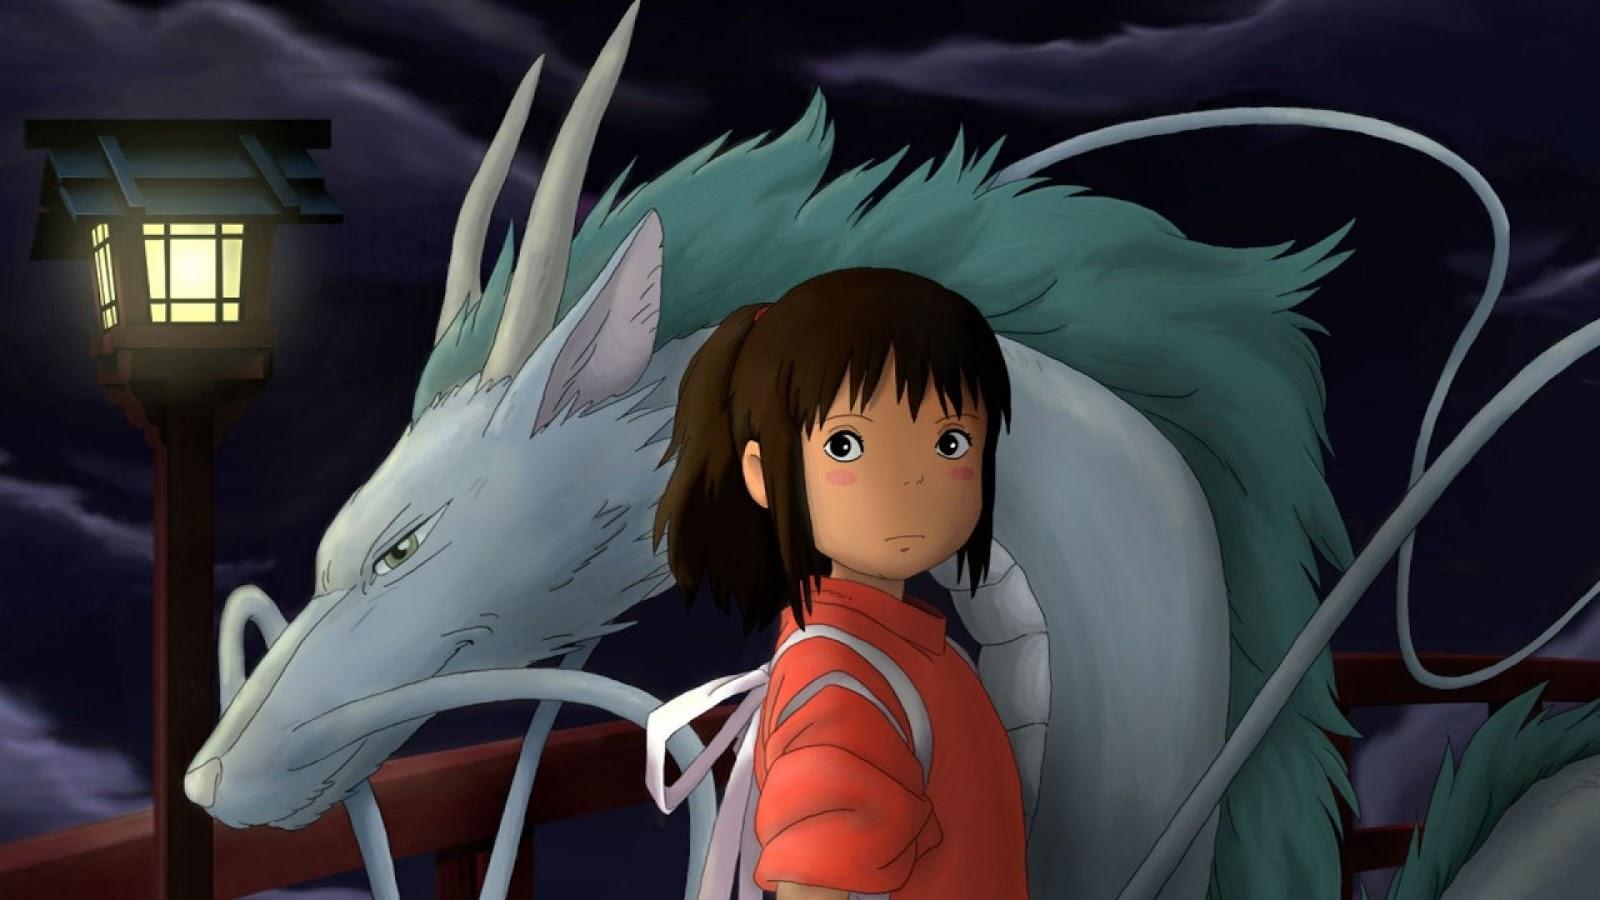 My top 10 favorite anime movies